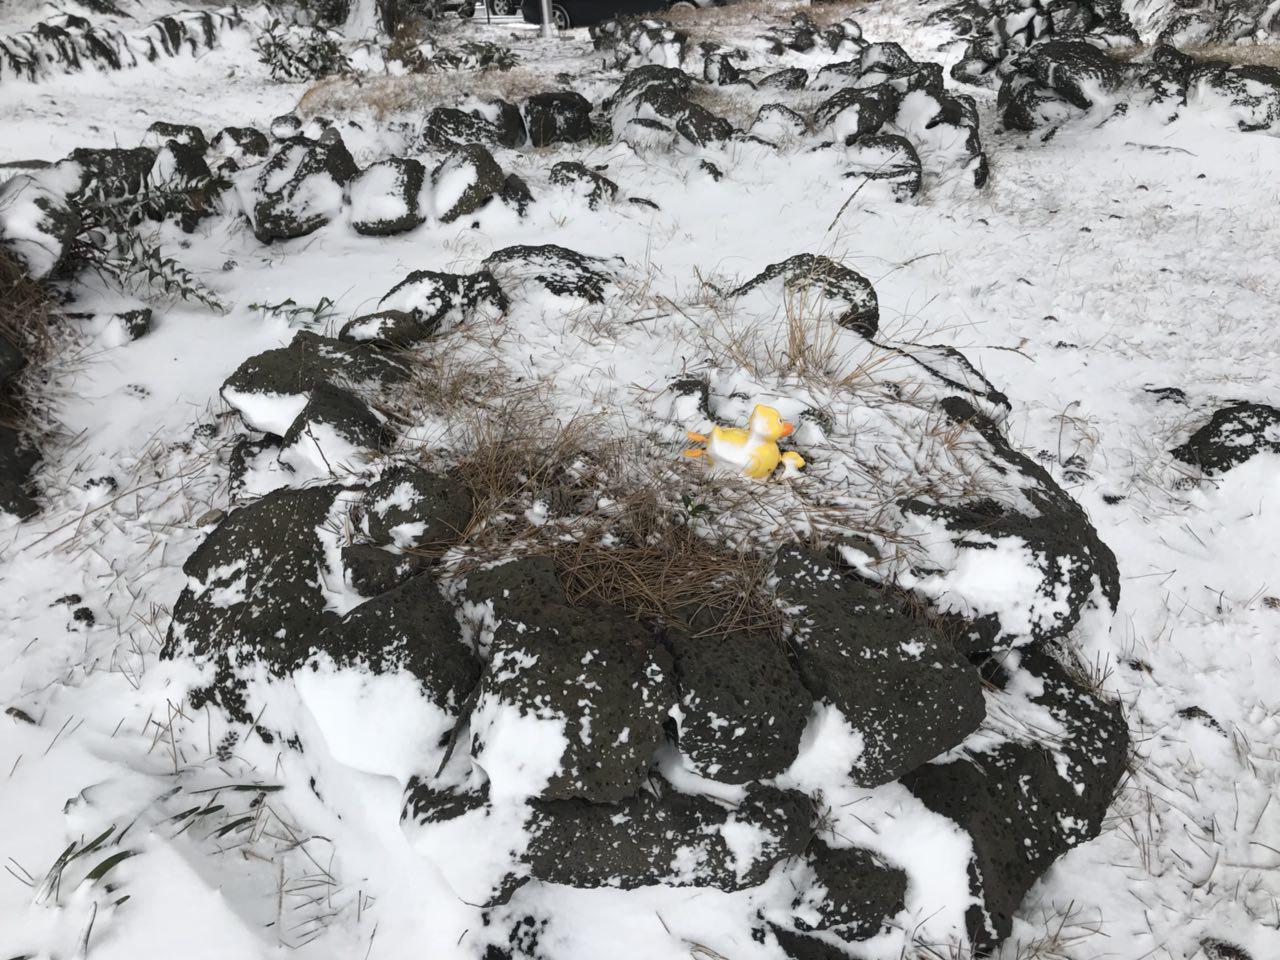 이름 없는 아기 무덤 1948년 집단 학살된 북촌리 마을 주변 너븐숭이에 비석없는 아기 돌무덤위에 노란 오리 장남감으로 영면하길 기원하고 있다